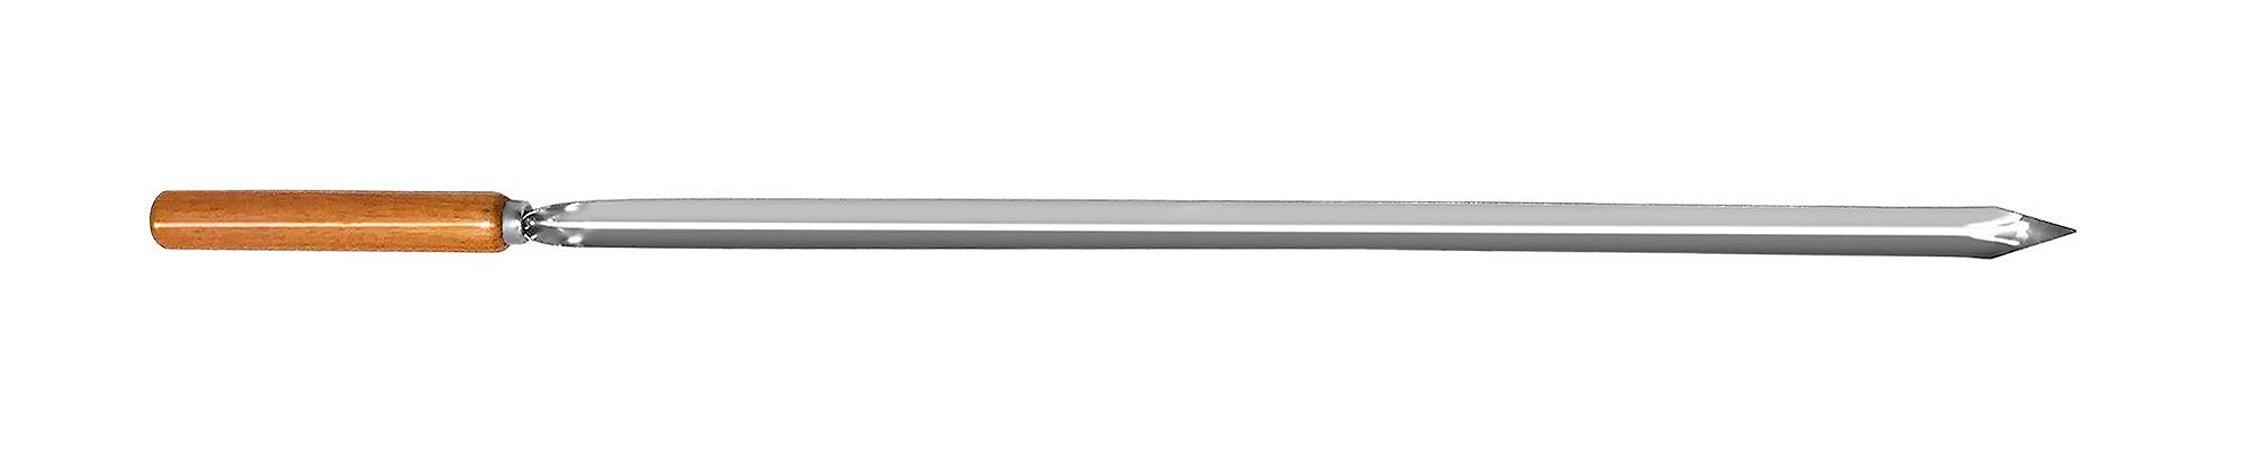 Espeto Inox para Costelão 105 cm x 1,2 mm